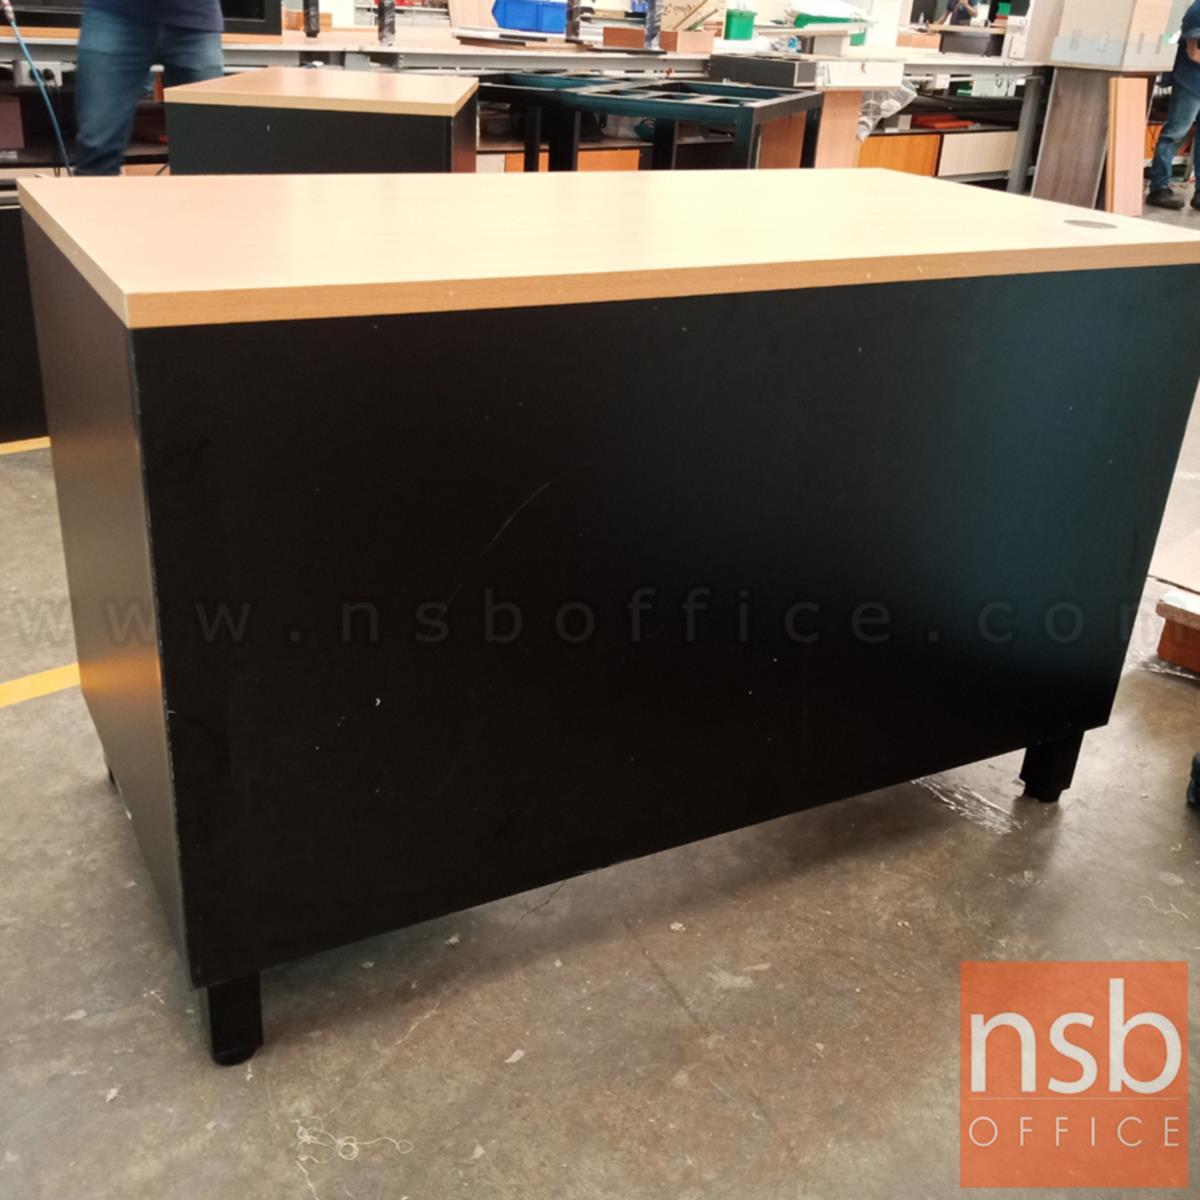 โต๊ะทำงาน รุ่น Valencia (วาเลนเซีย) ขนาด 120W cm. ขาเหล็ก